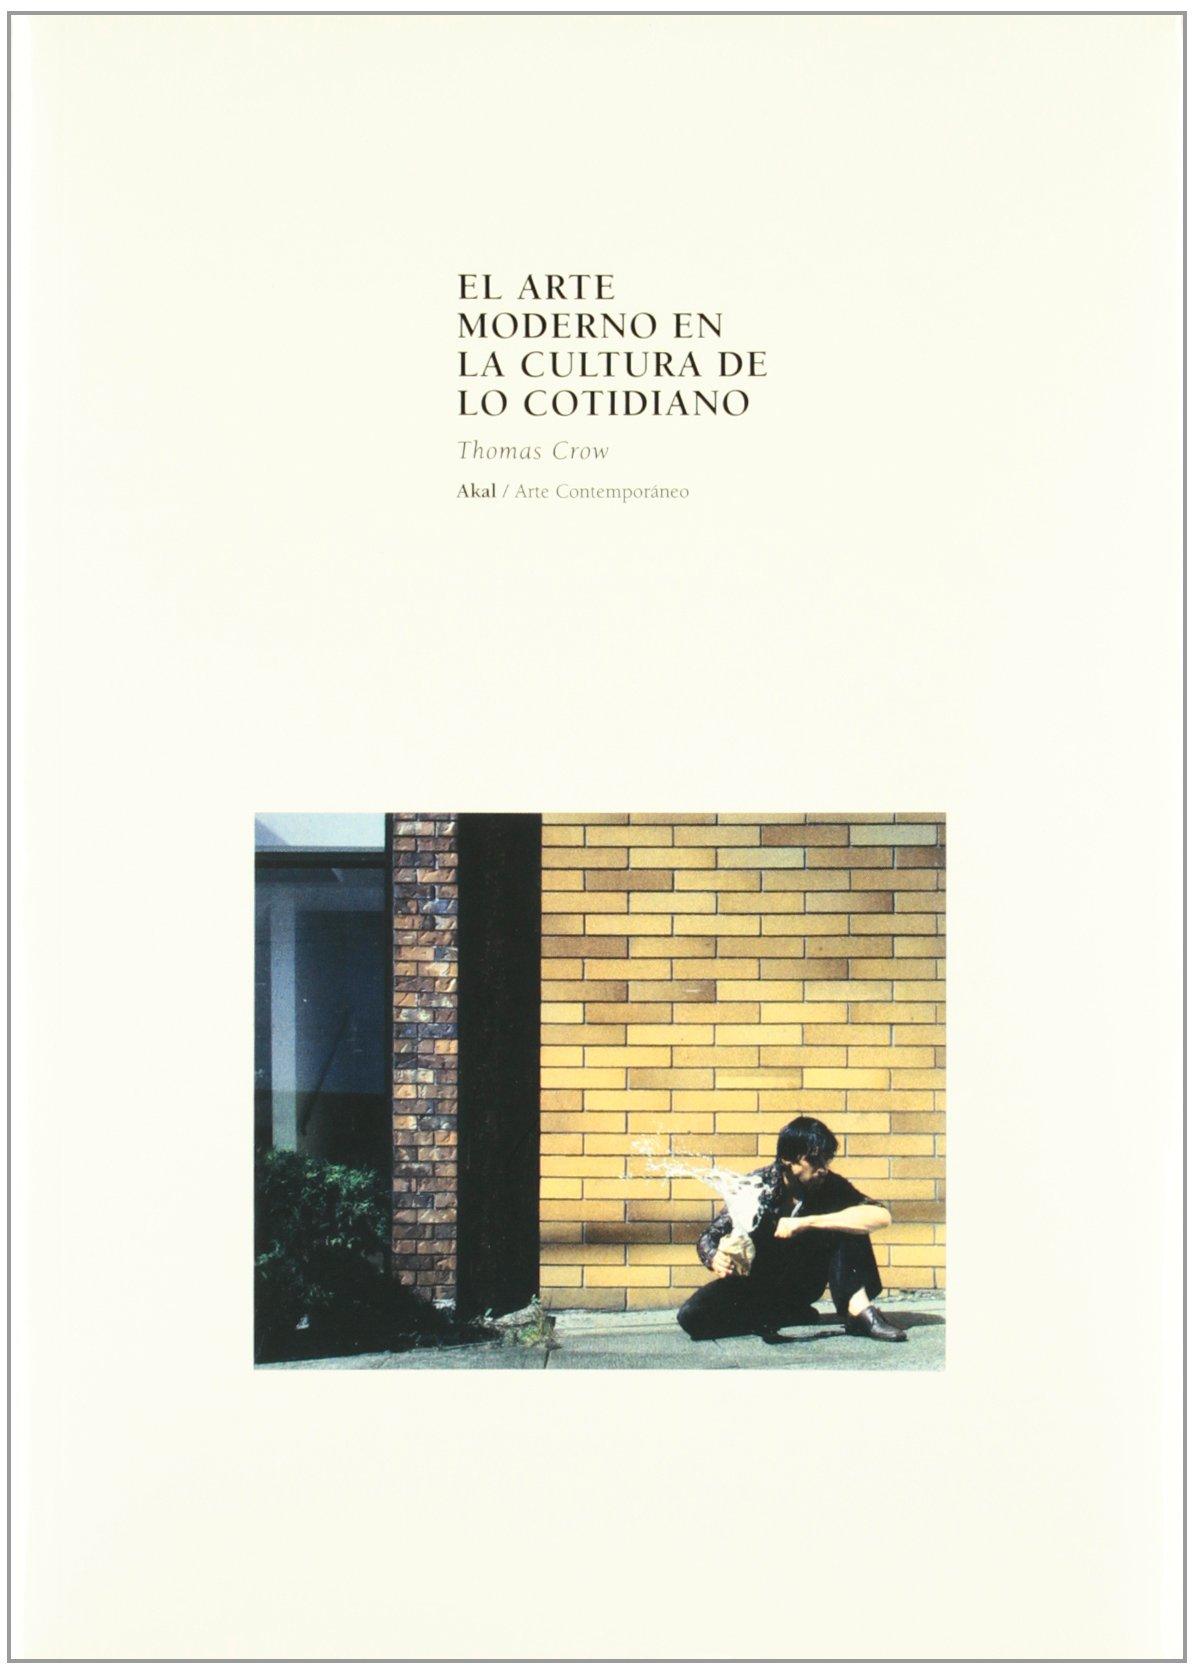 El arte moderno en la cultura de lo cotidiano (Arte contemporáneo) Tapa blanda – 24 abr 2002 Thomas Crow Joaquín Chamorro Mielke Ediciones Akal 8446011387